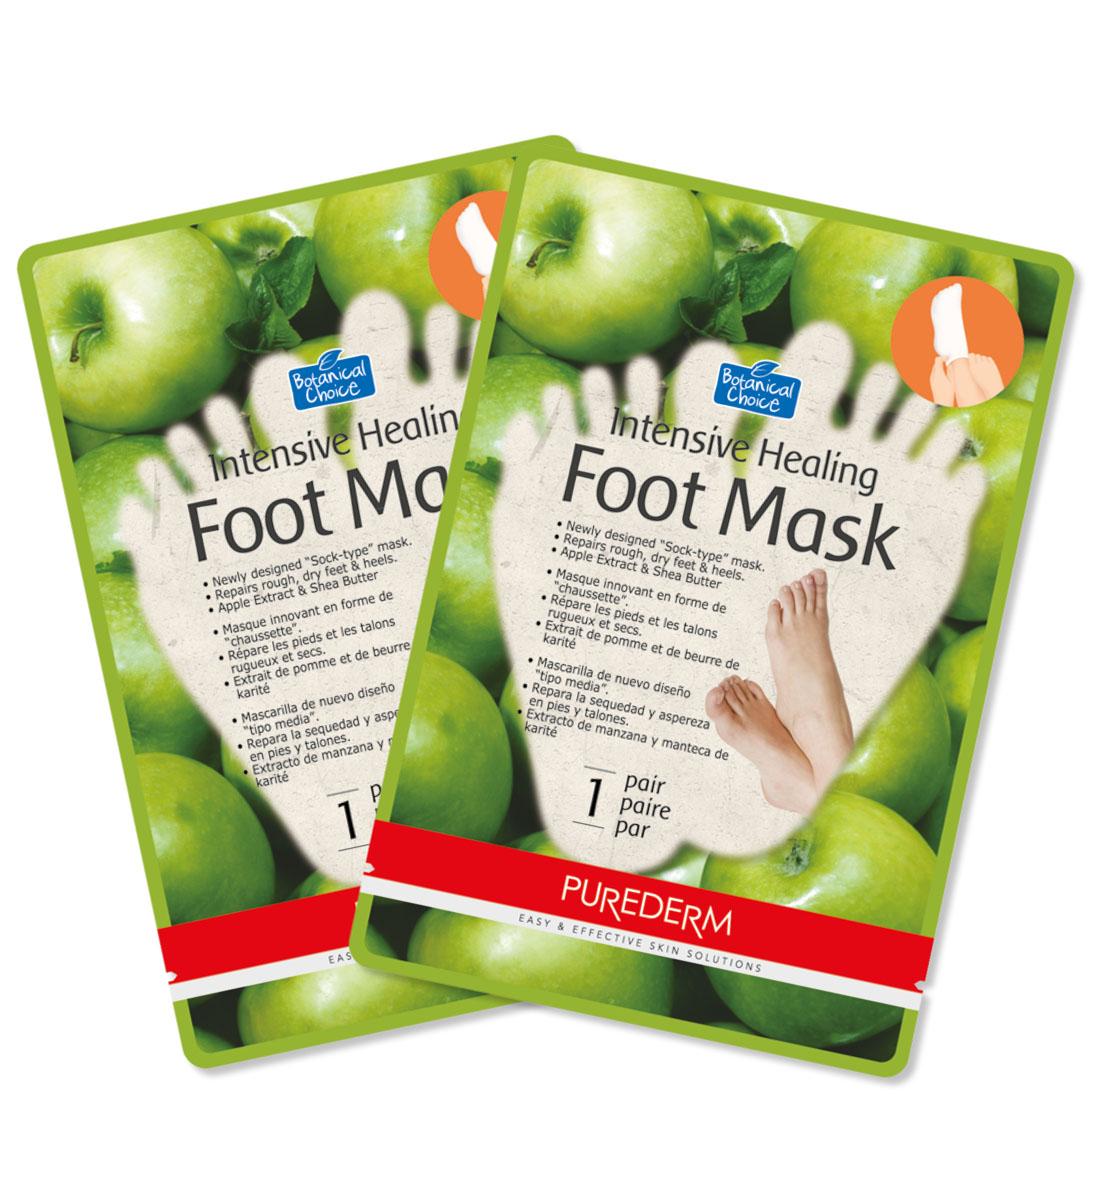 Purederm Интенсивная восстанавливающая маска для ног, 2 шт2N592349Интенсивная маска в форме носочков, восстанавливает сухую и огрубевшую кожу ног. Входящие в состав смягчающее масло Ши, экстракт яблока и перечная мята, а также другие восстанавливающие компоненты разглаживают, смягчают и восстанавливают сухую, потрескавшуюся кожу ступней и пяток, интенсивно улучшая их внешний вид. Маска для ног увлажняет и заживляет поврежденные участки кожи, интенсивно и ухаживает за огрубевшей и мозолистой кожей ног и пяток. Система 2 в 1 (маска + носочки) усиливает глубину проникновения компонентов за счет термоэффекта, что позволяет достичь наилучшего результата.